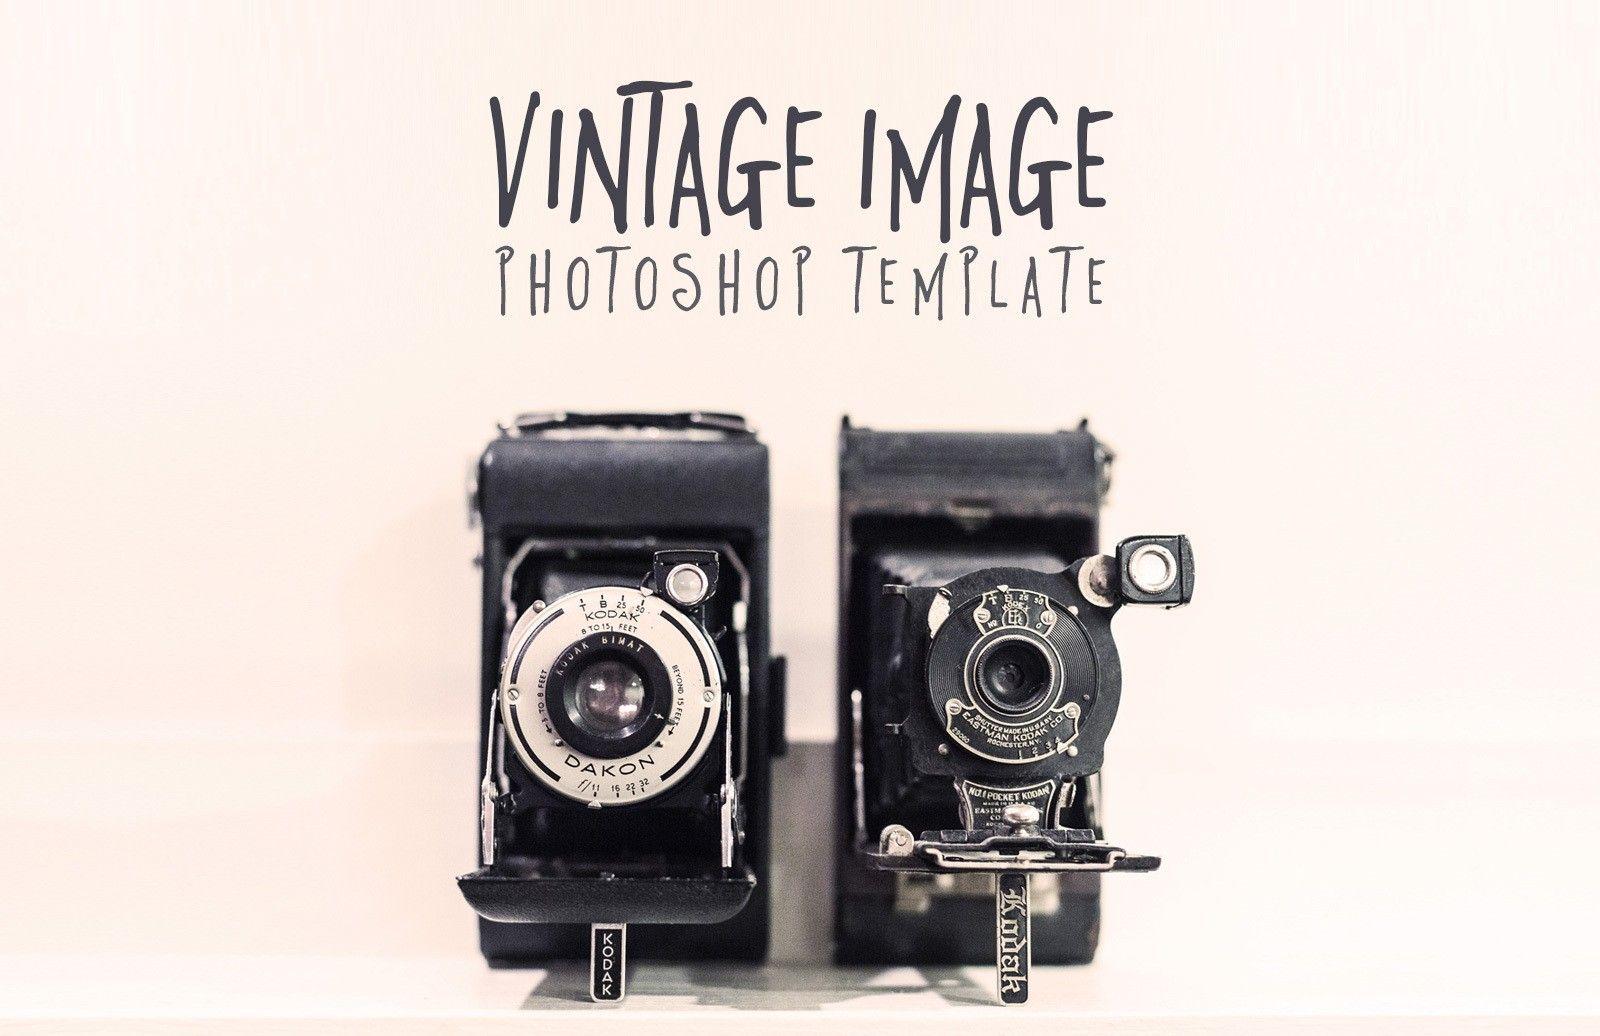 Vintage Image Photoshop Template Vintage Images Retro Vintage Unique Vintage